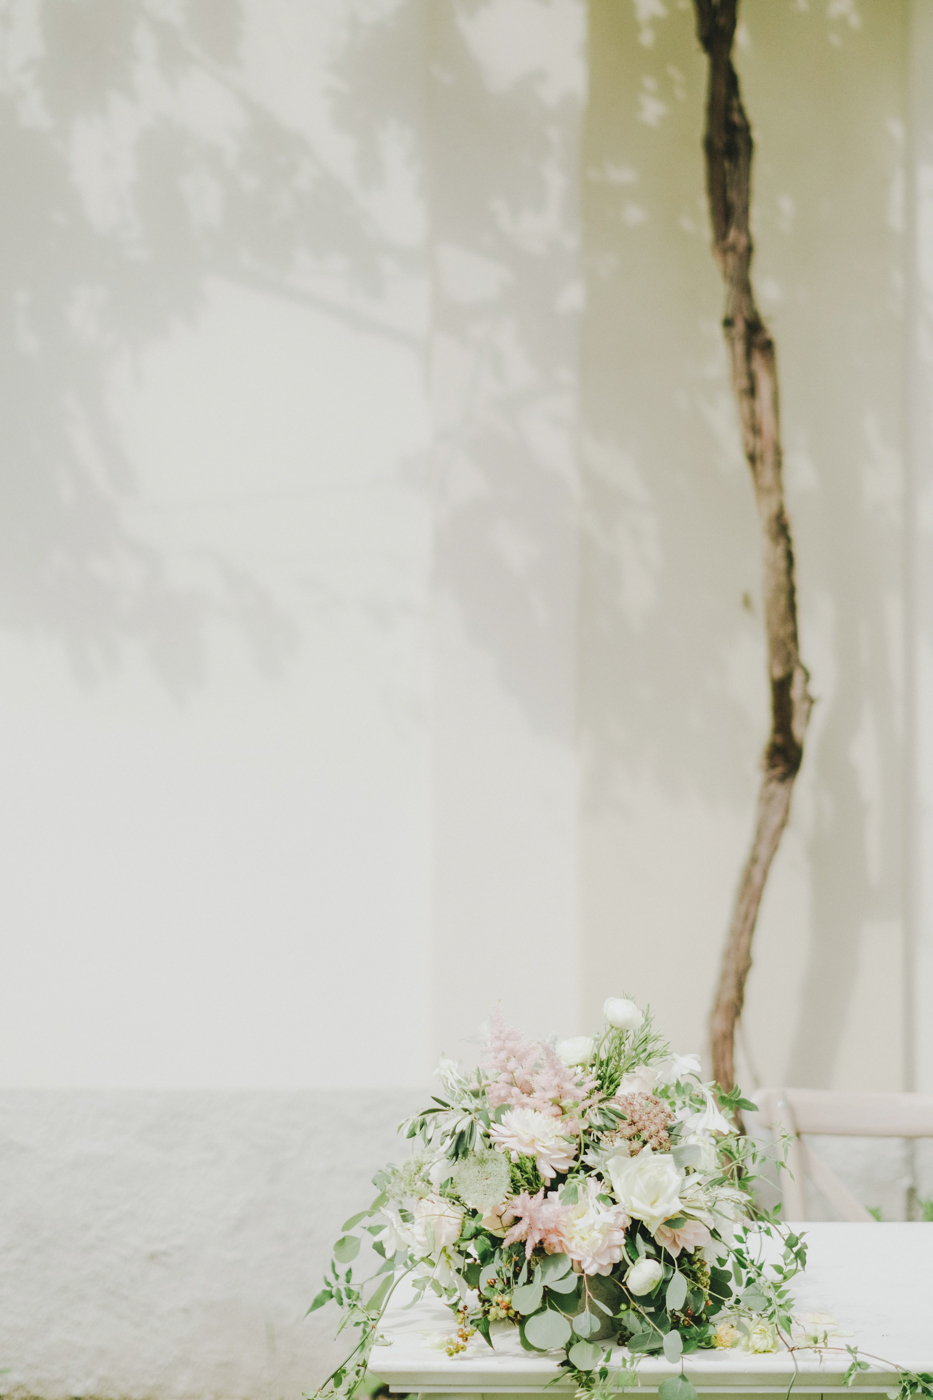 fotografo matrimonio como-15.jpg